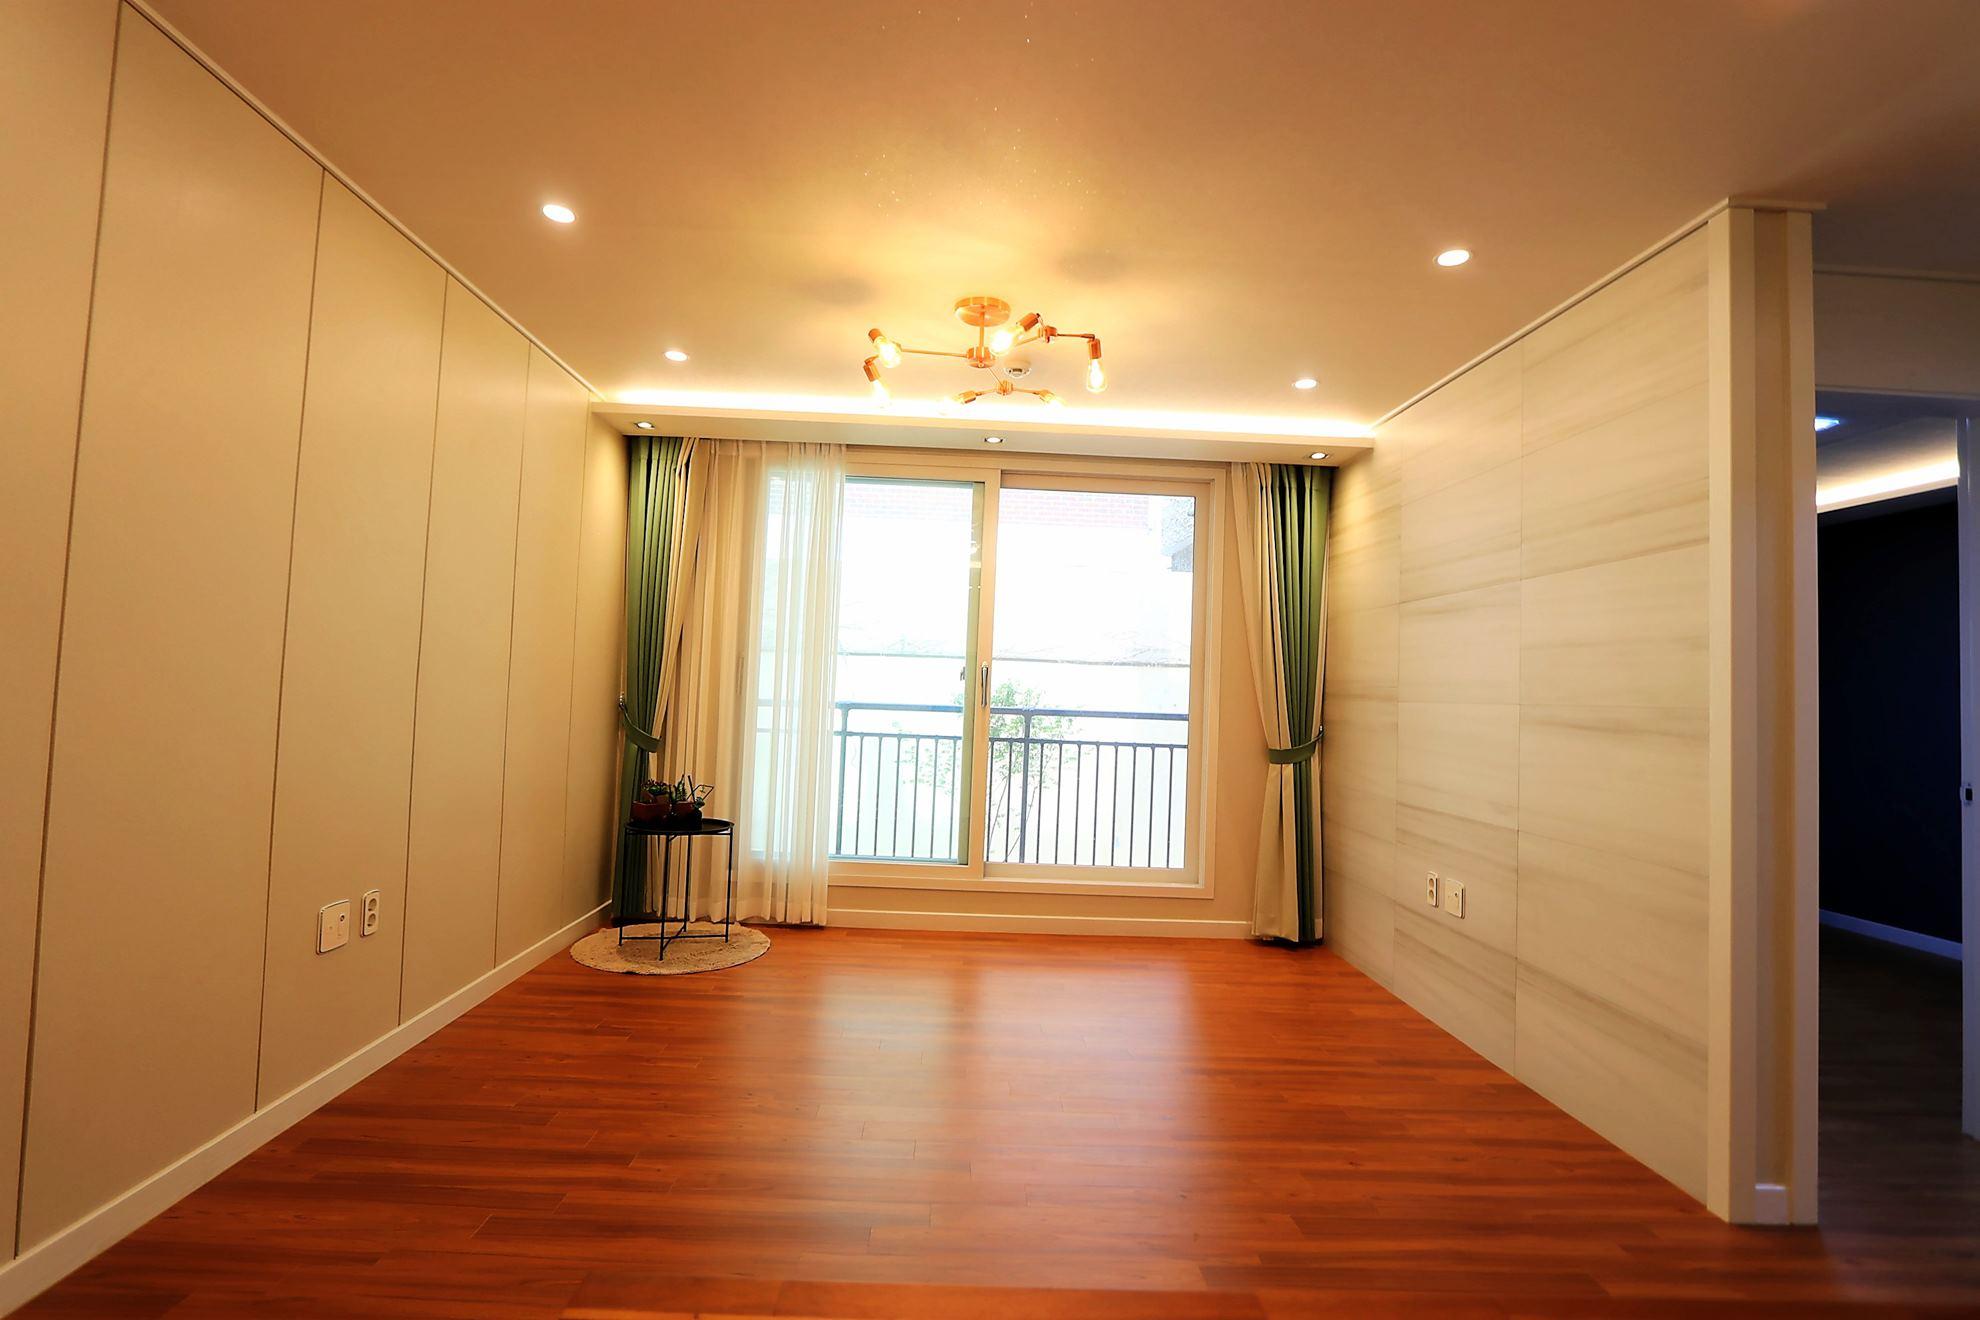 임학동신축빌라 계산역 이용이 편리한 3룸+테라스거실